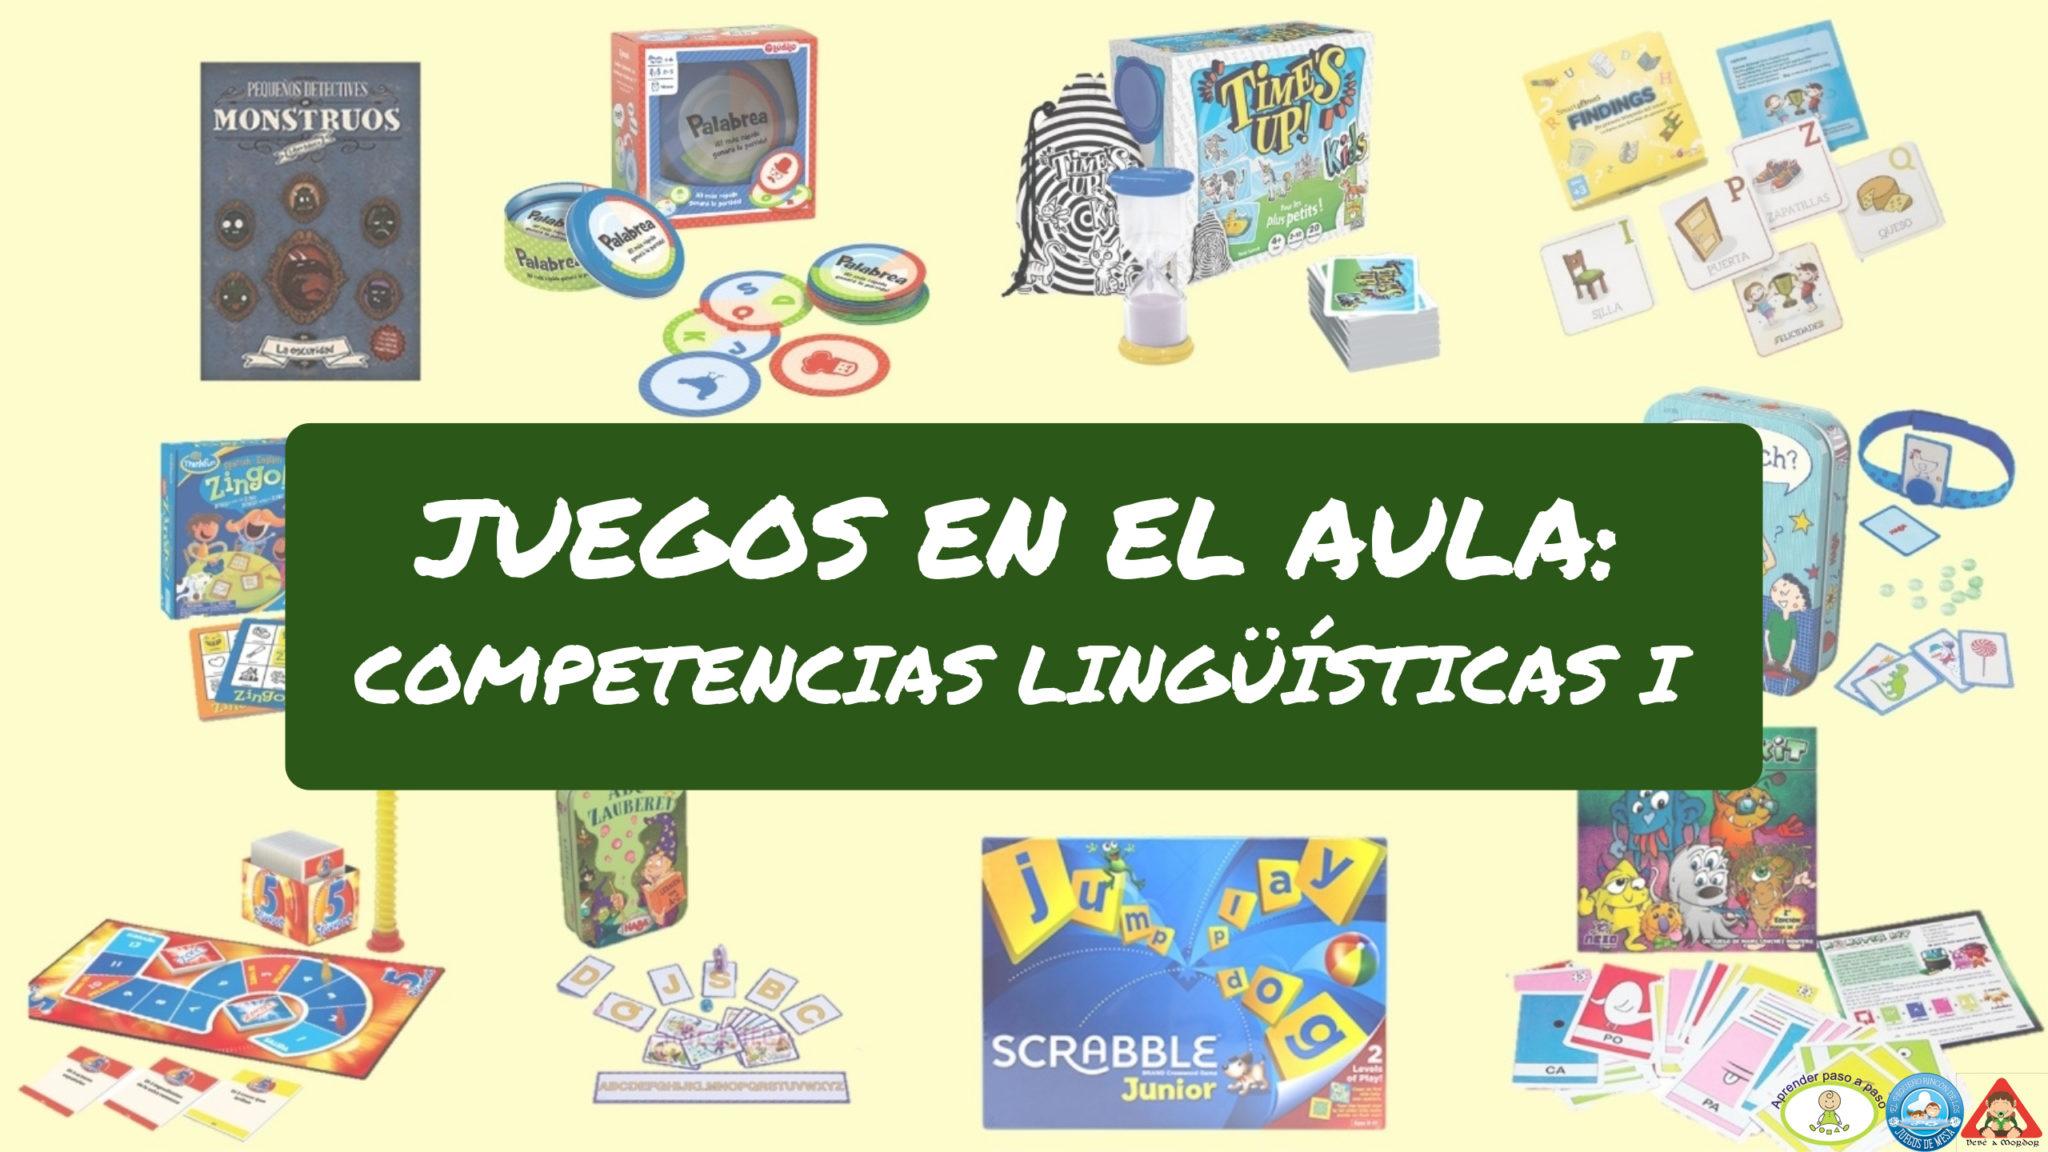 IBam Juegos Por AsignaturasCompetencias Lingüísticas shQrdt